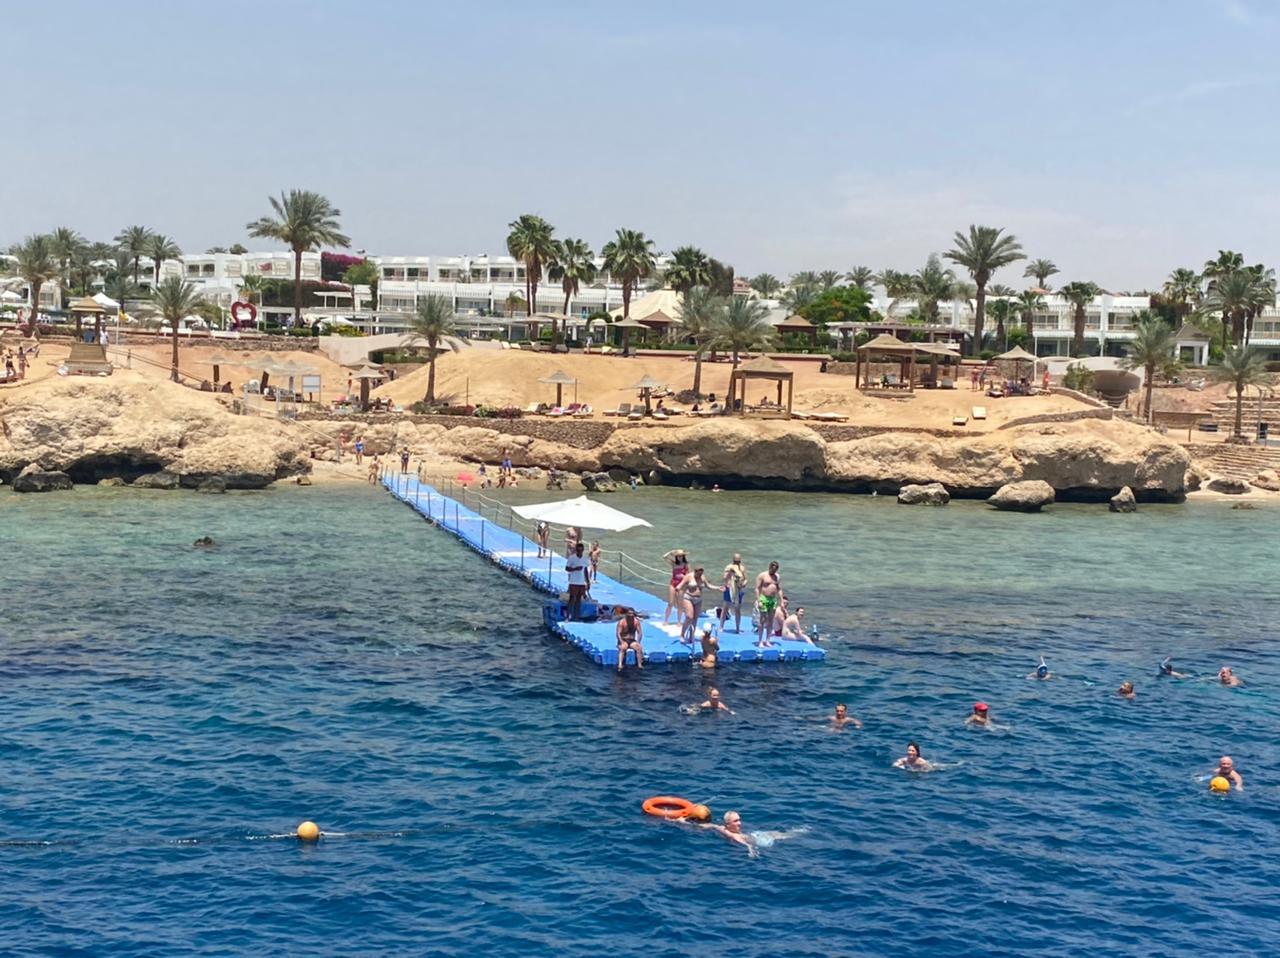 السياحة تعود بقوة لشرم الشيخ.